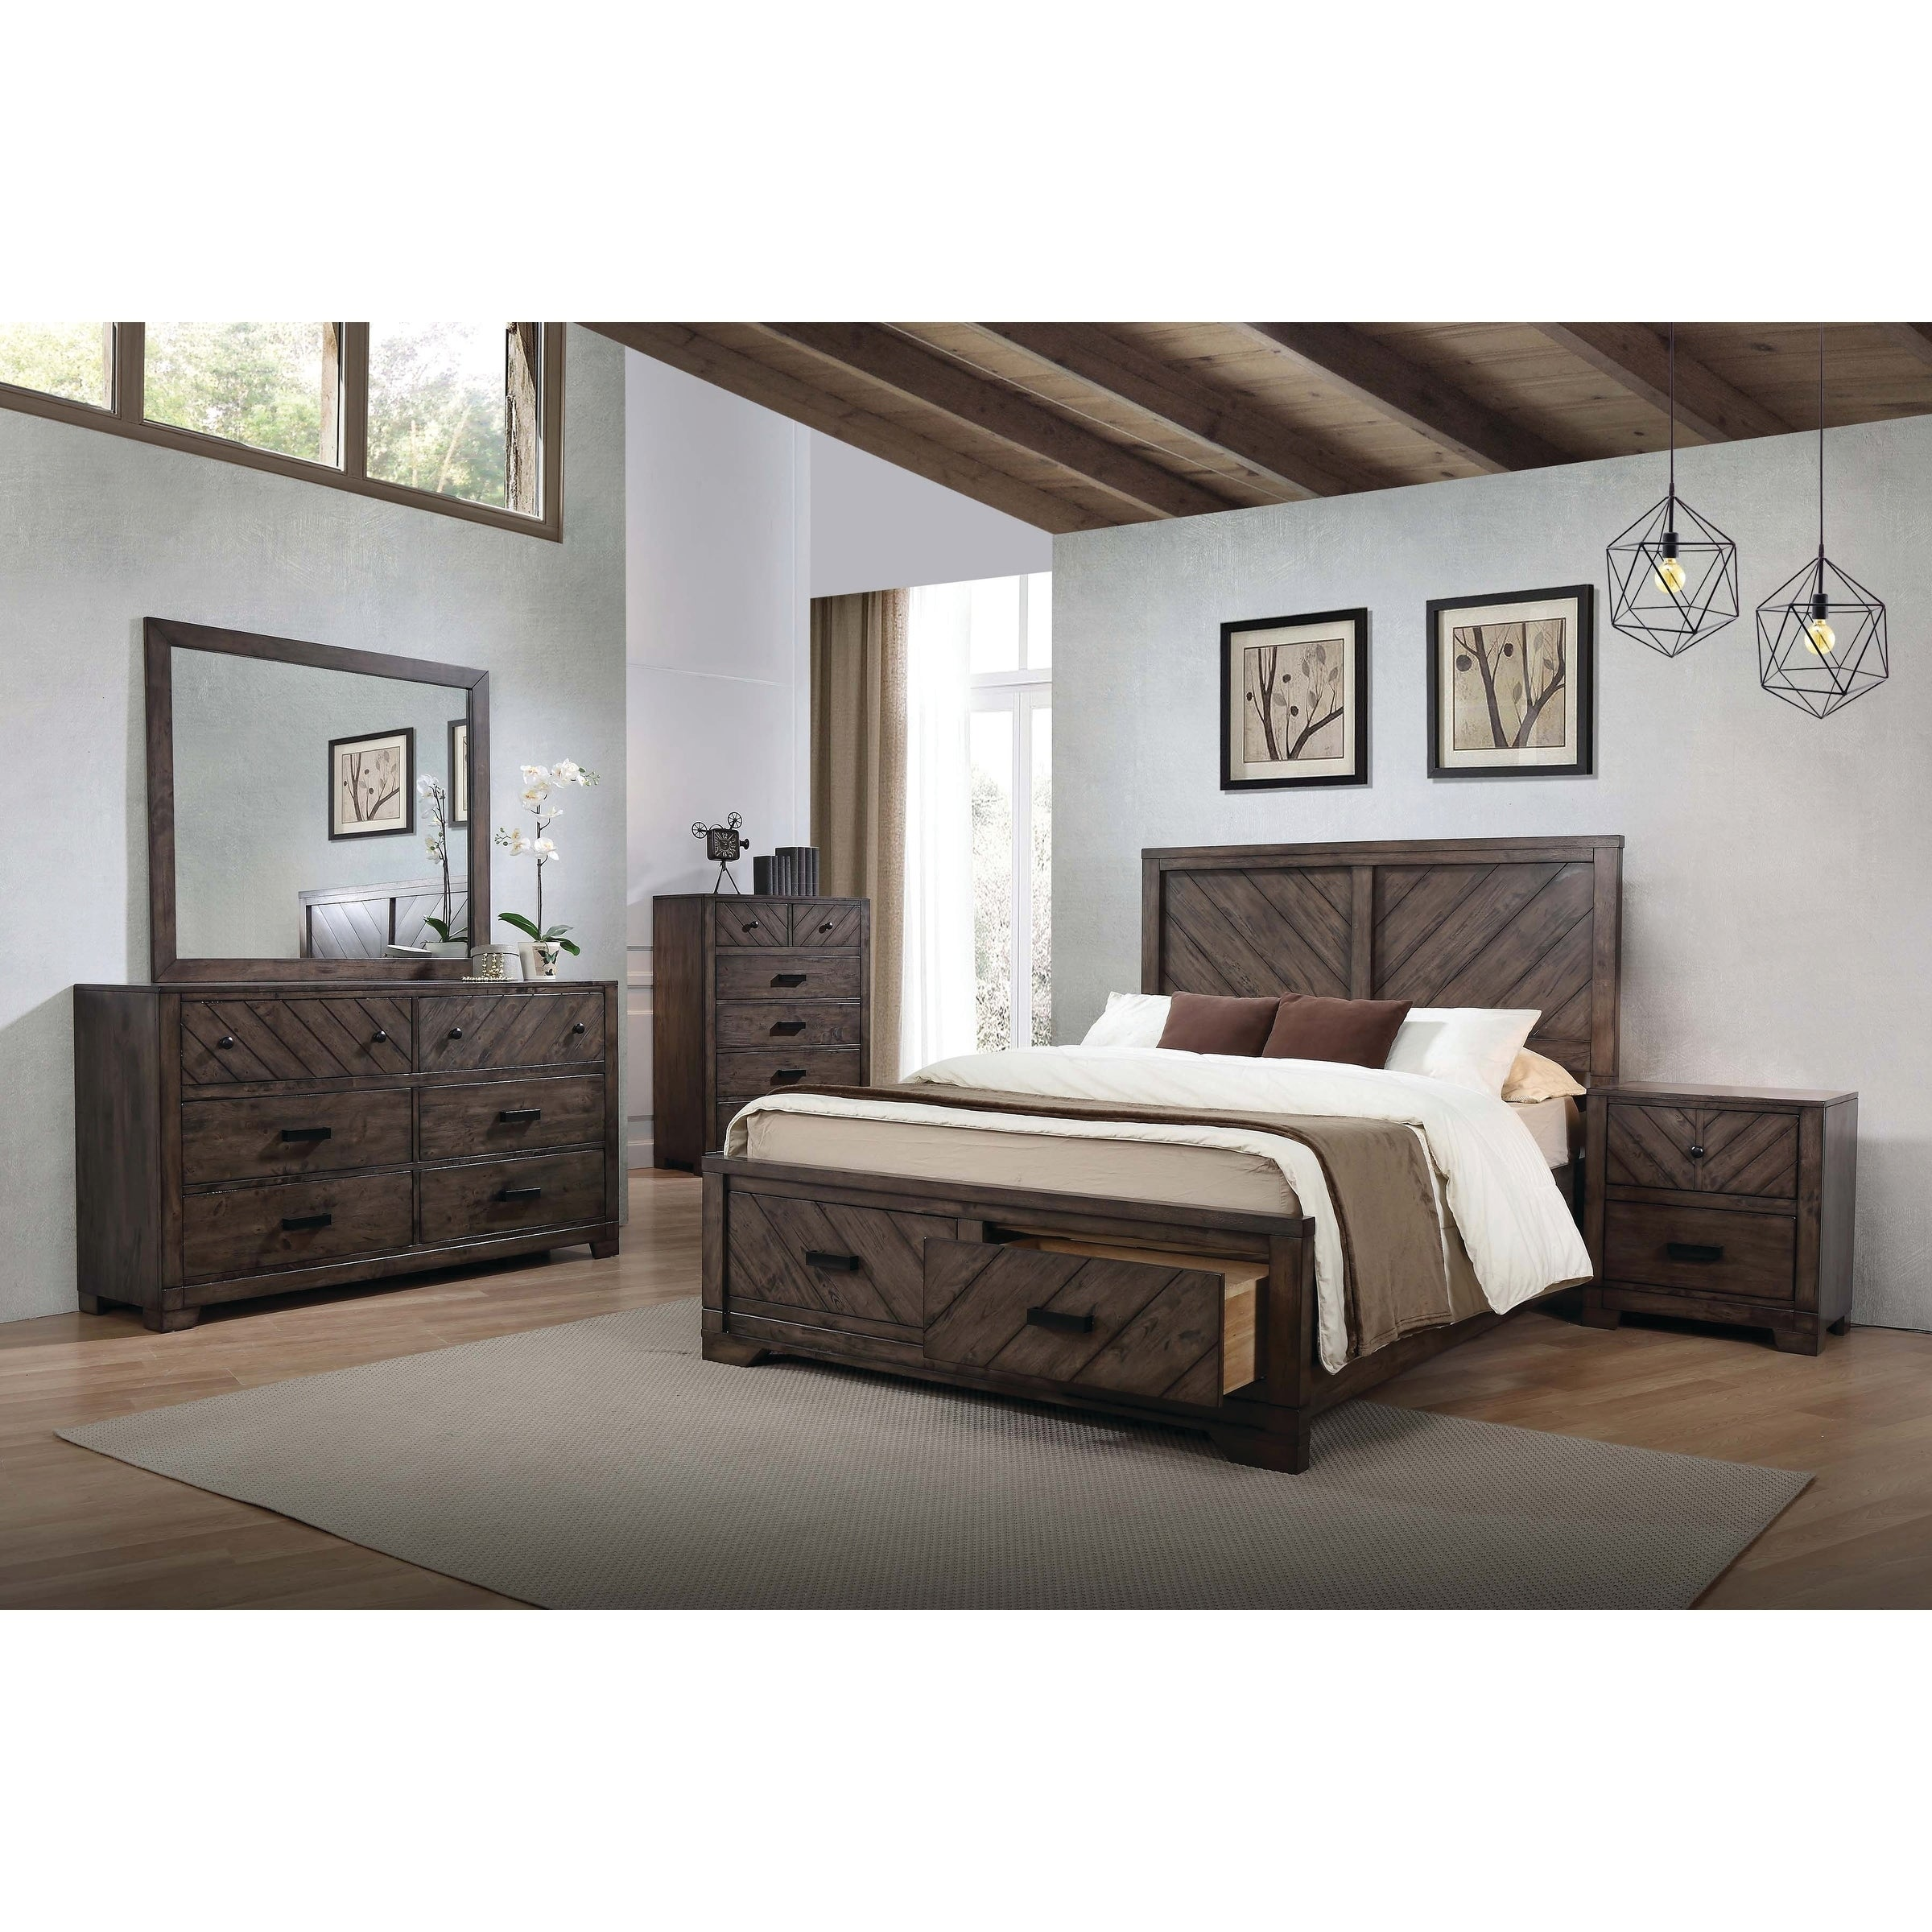 Shop Carbon Loft Conway Rustic Dark Brown 5 Piece Bedroom Set Free